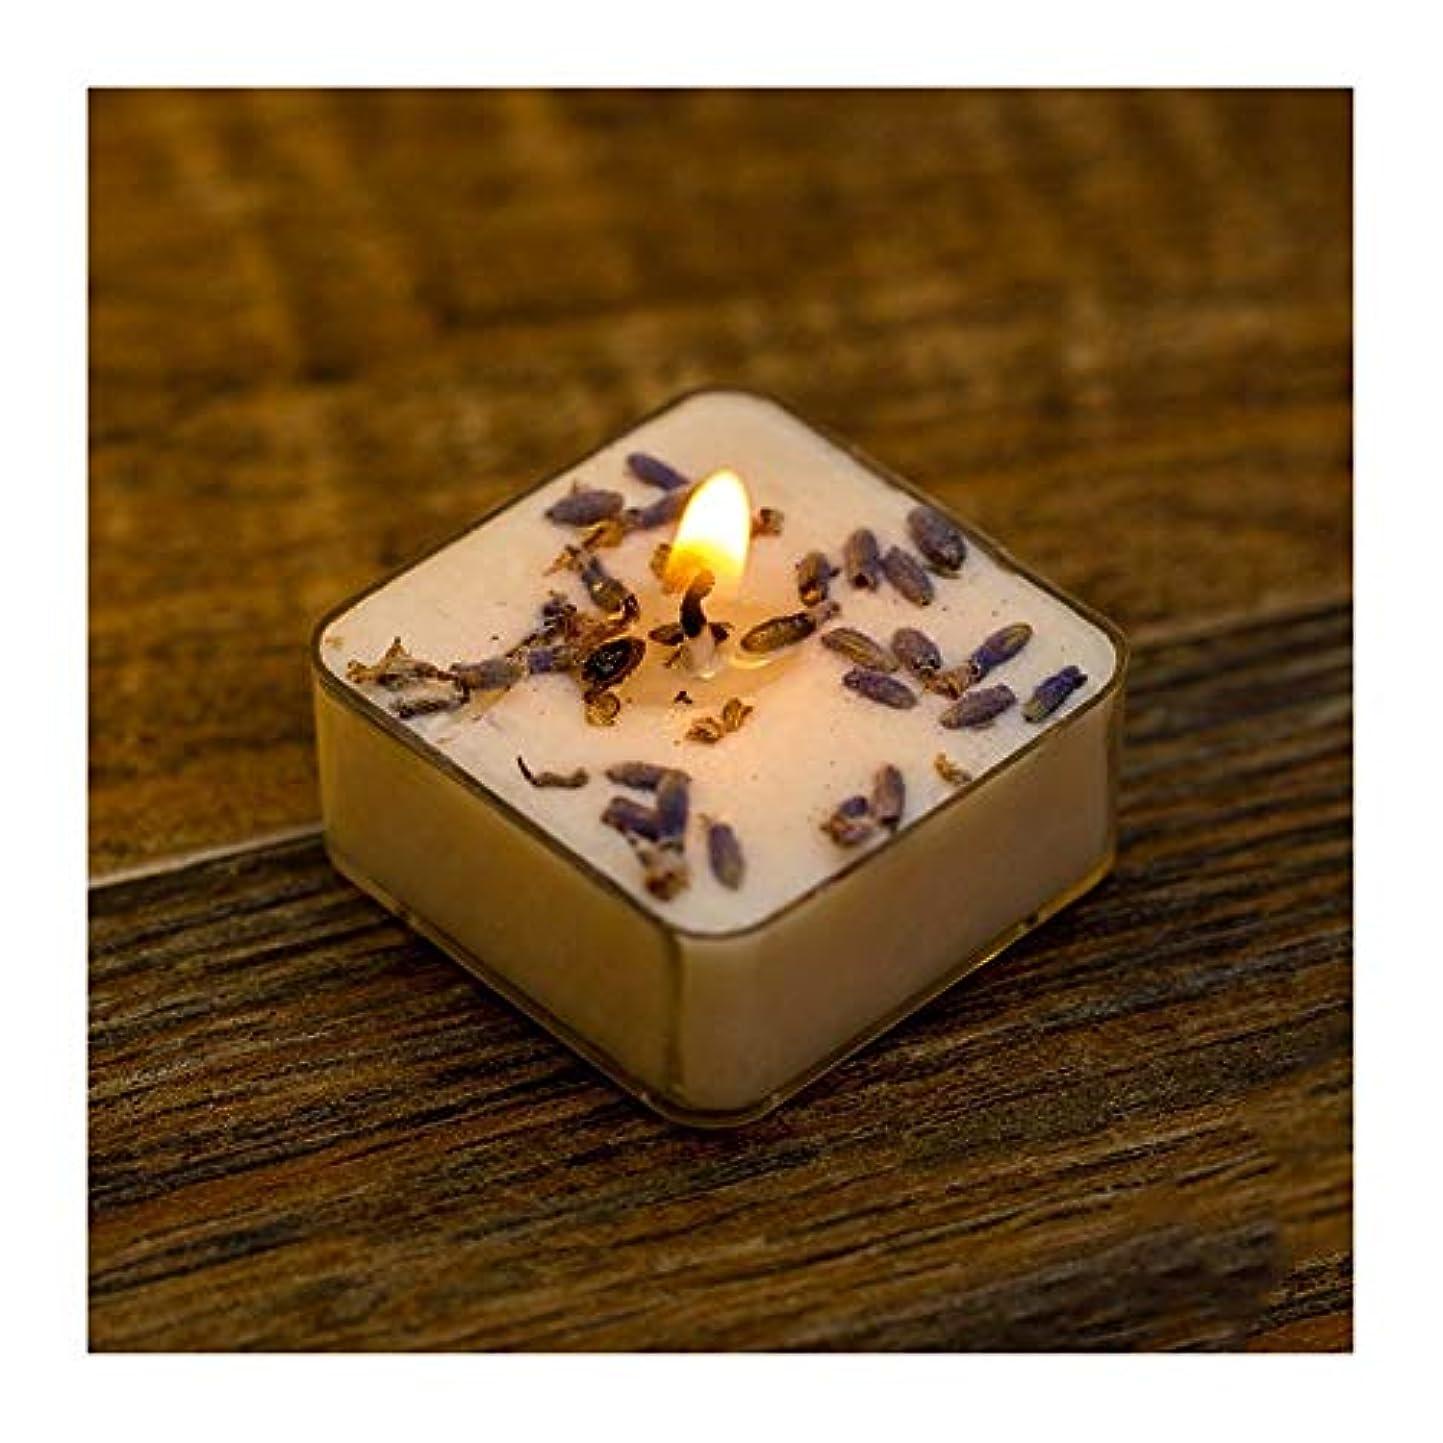 レパートリー艶意識Guomao 無煙アロマキャンドル手作りのカスタムロマンチックな結婚誕生日の雰囲気のラベンダーフレーバーキャンドル (色 : Green tea)